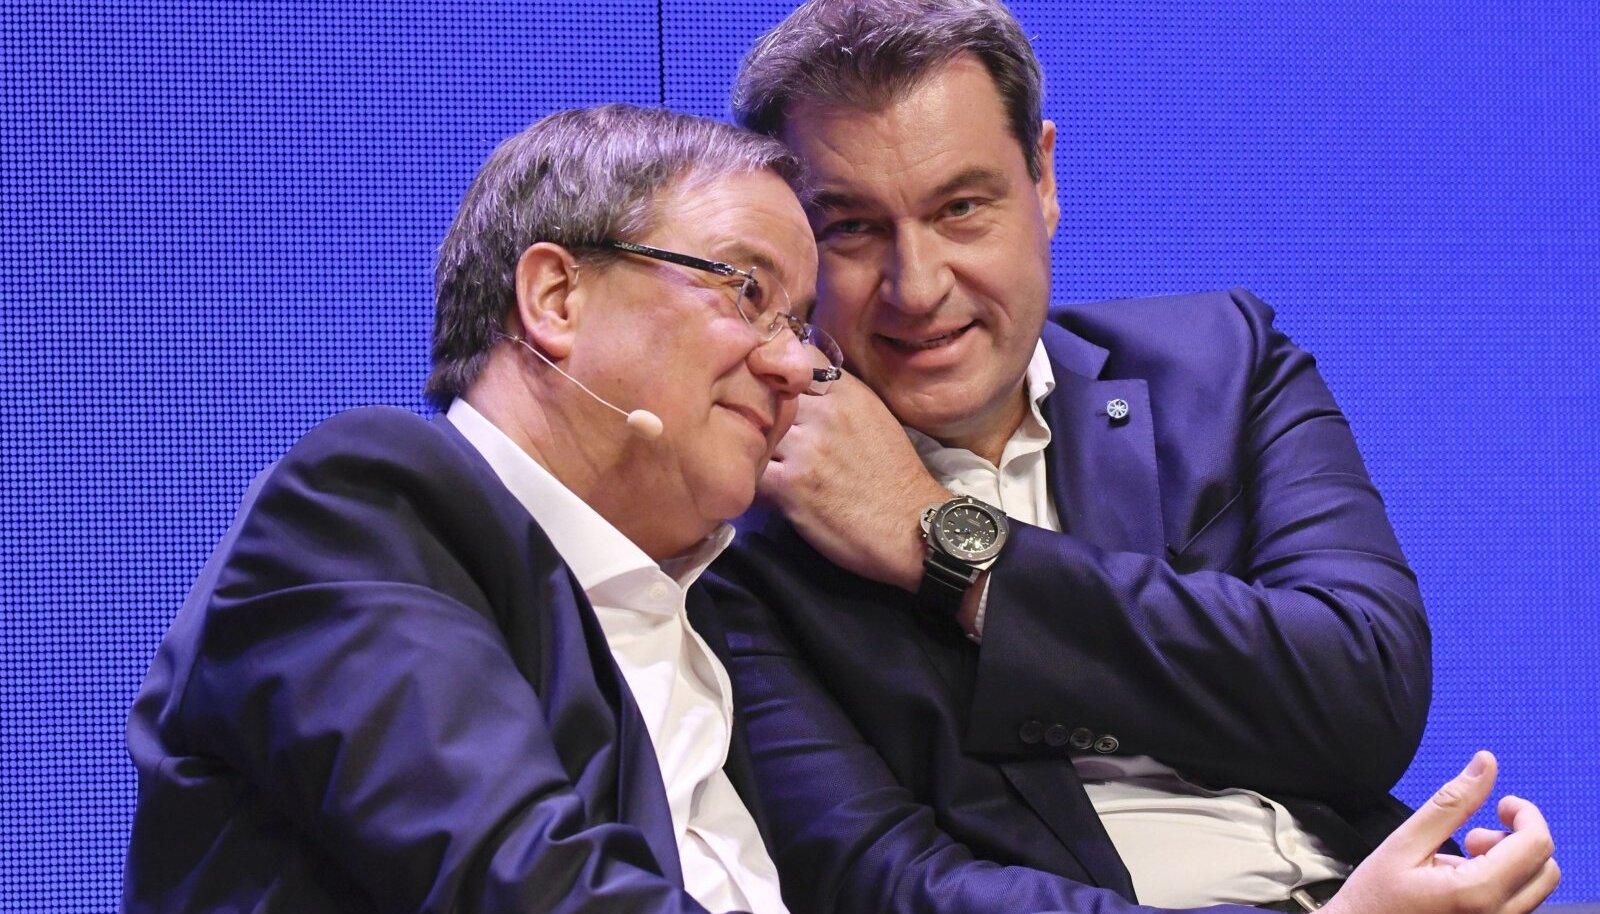 KONSERVATIIVIDE JUHTNINA: Armin Laschet (vasakul) on CDU esimees, kuid tema peamine konkurent on CSU juht Markus Söder (paremal).